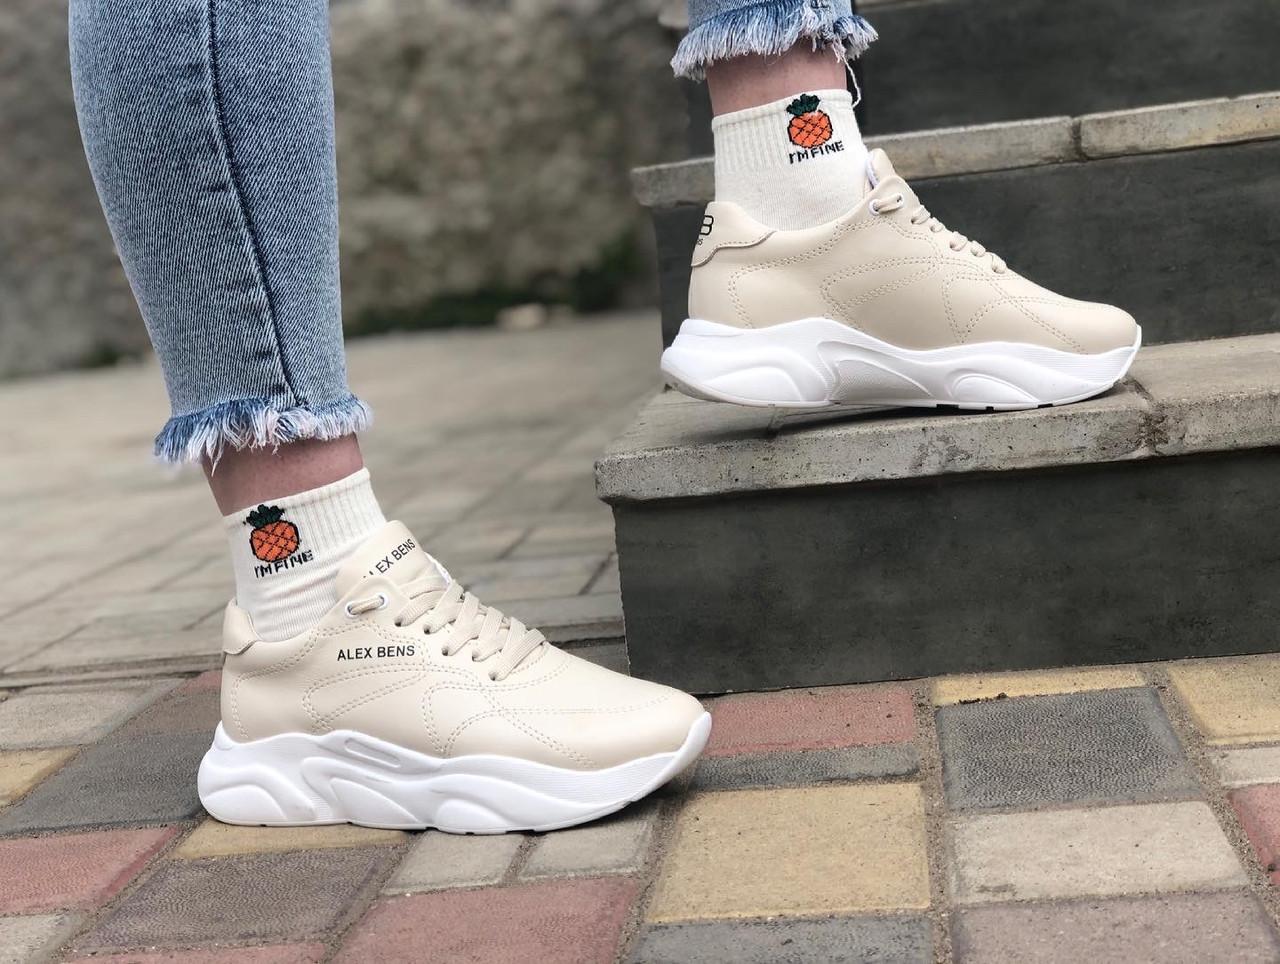 Женские кожаные кроссовки бежевые  Bens 16 беж размеры 36,37,38,39,40,41